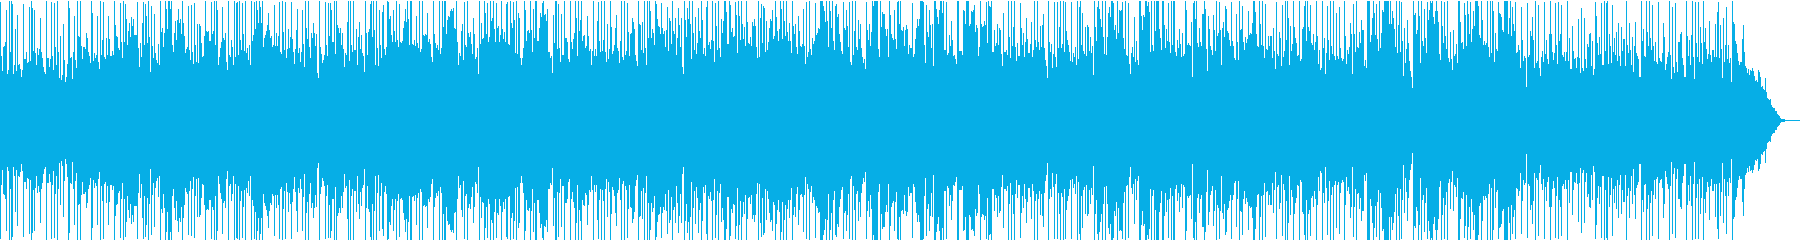 オーガニックとエレクトロニクスを融...の再生済みの波形